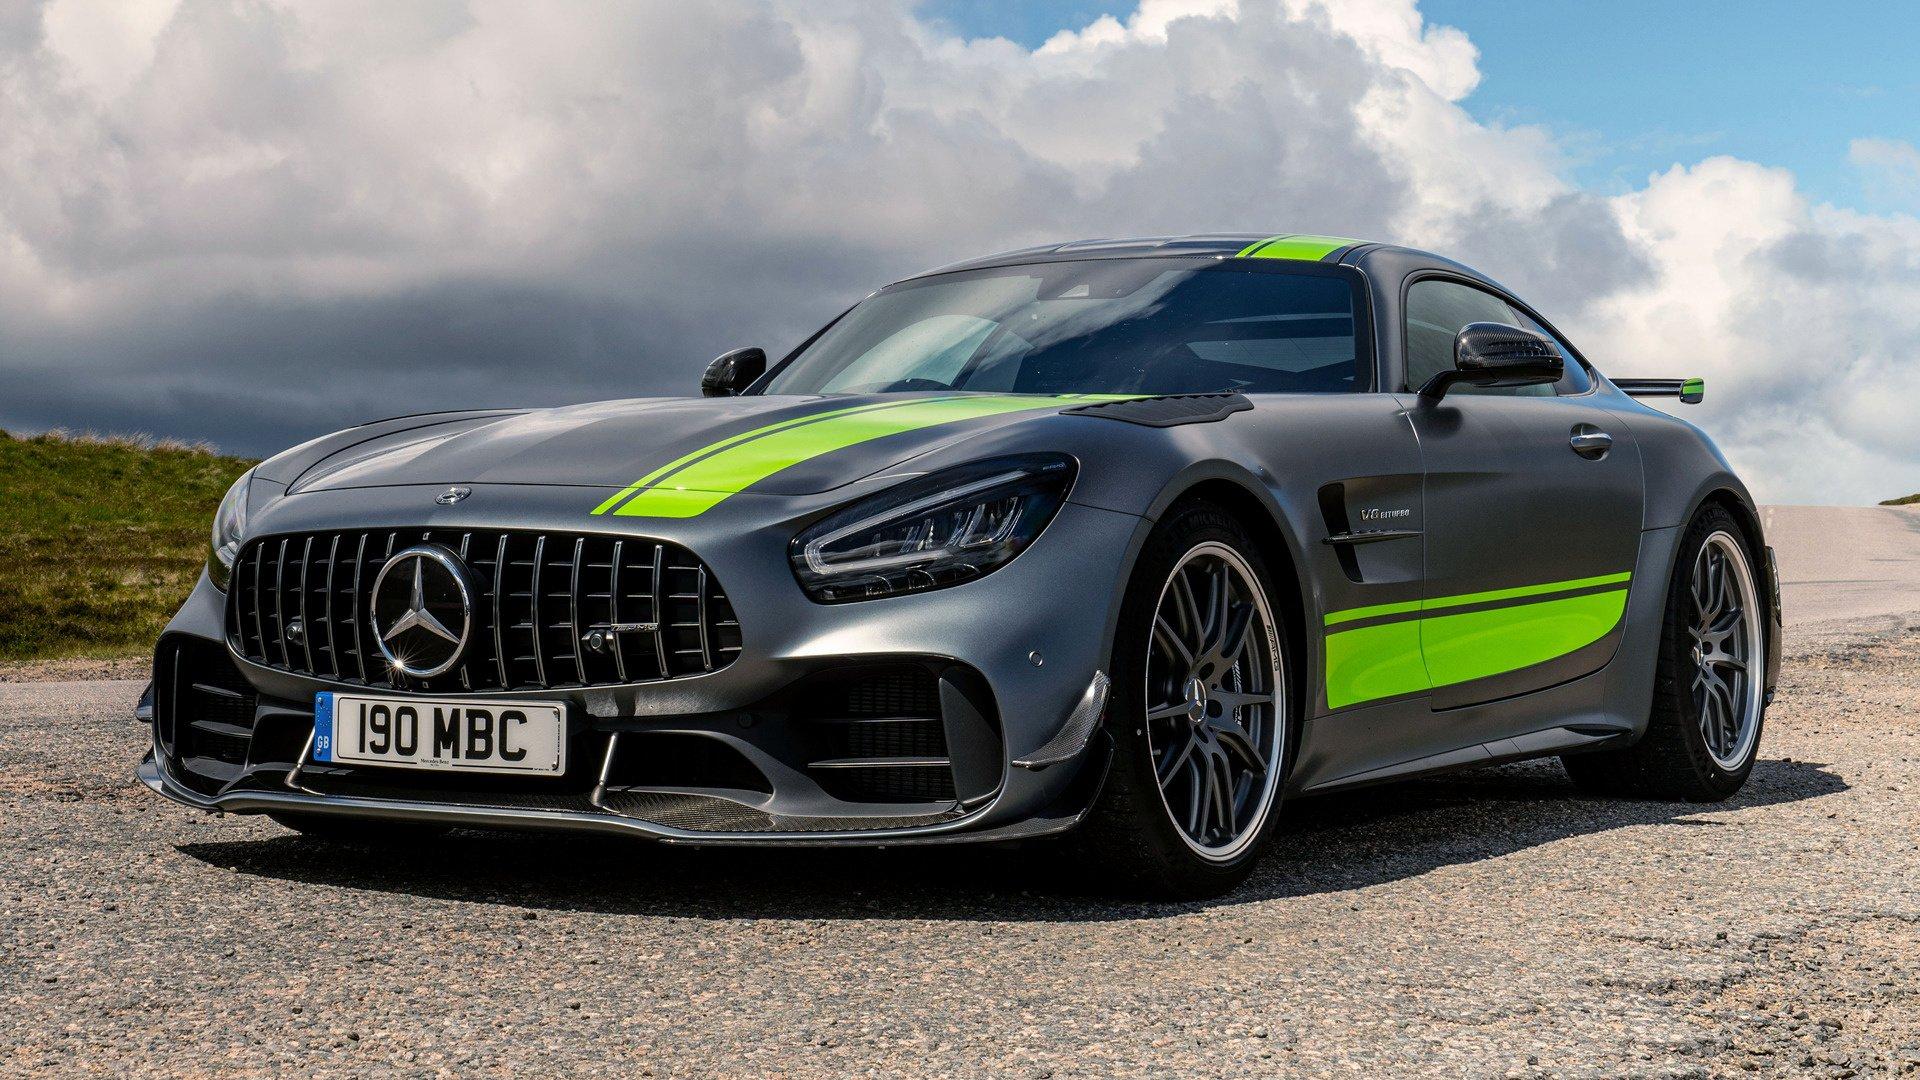 2019 Mercedes Amg Gt R Pro Fondo De Pantalla Hd Fondo De